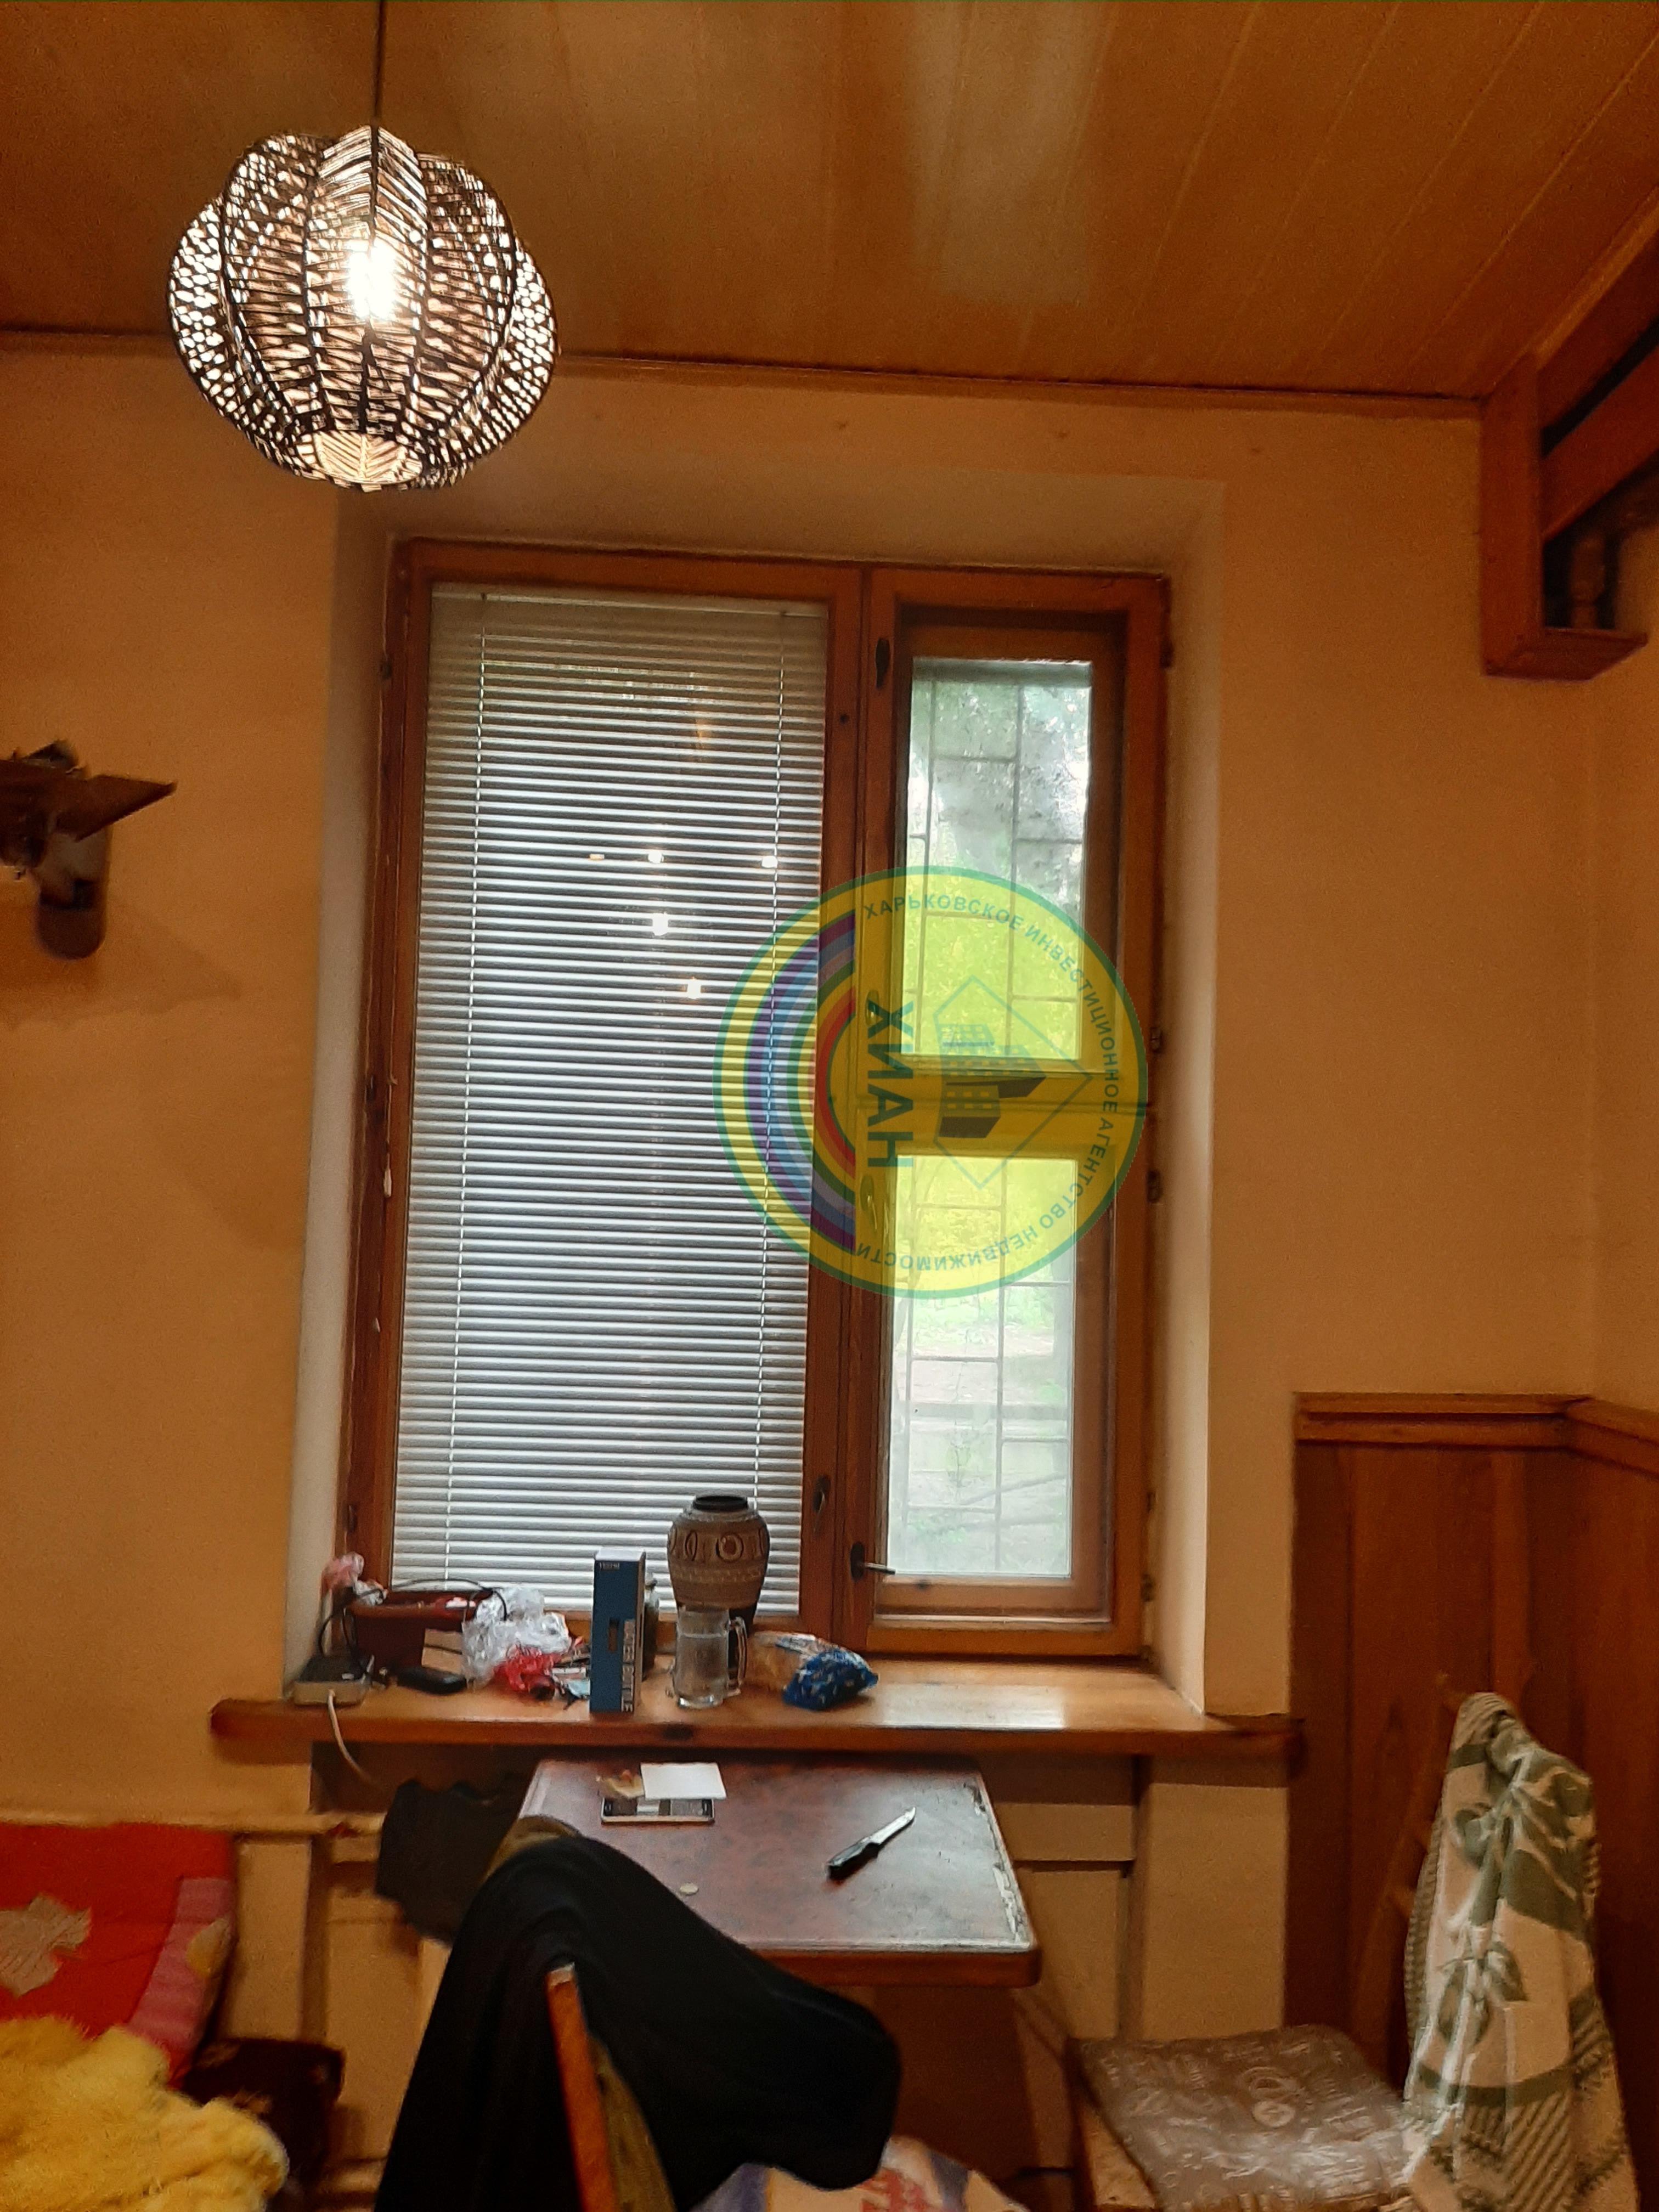 32 данилевского,Харьковская область,3 Комнат Комнат,1 ВаннаяВанных комнат,Житлова нерухомість,данилевского,5,1232